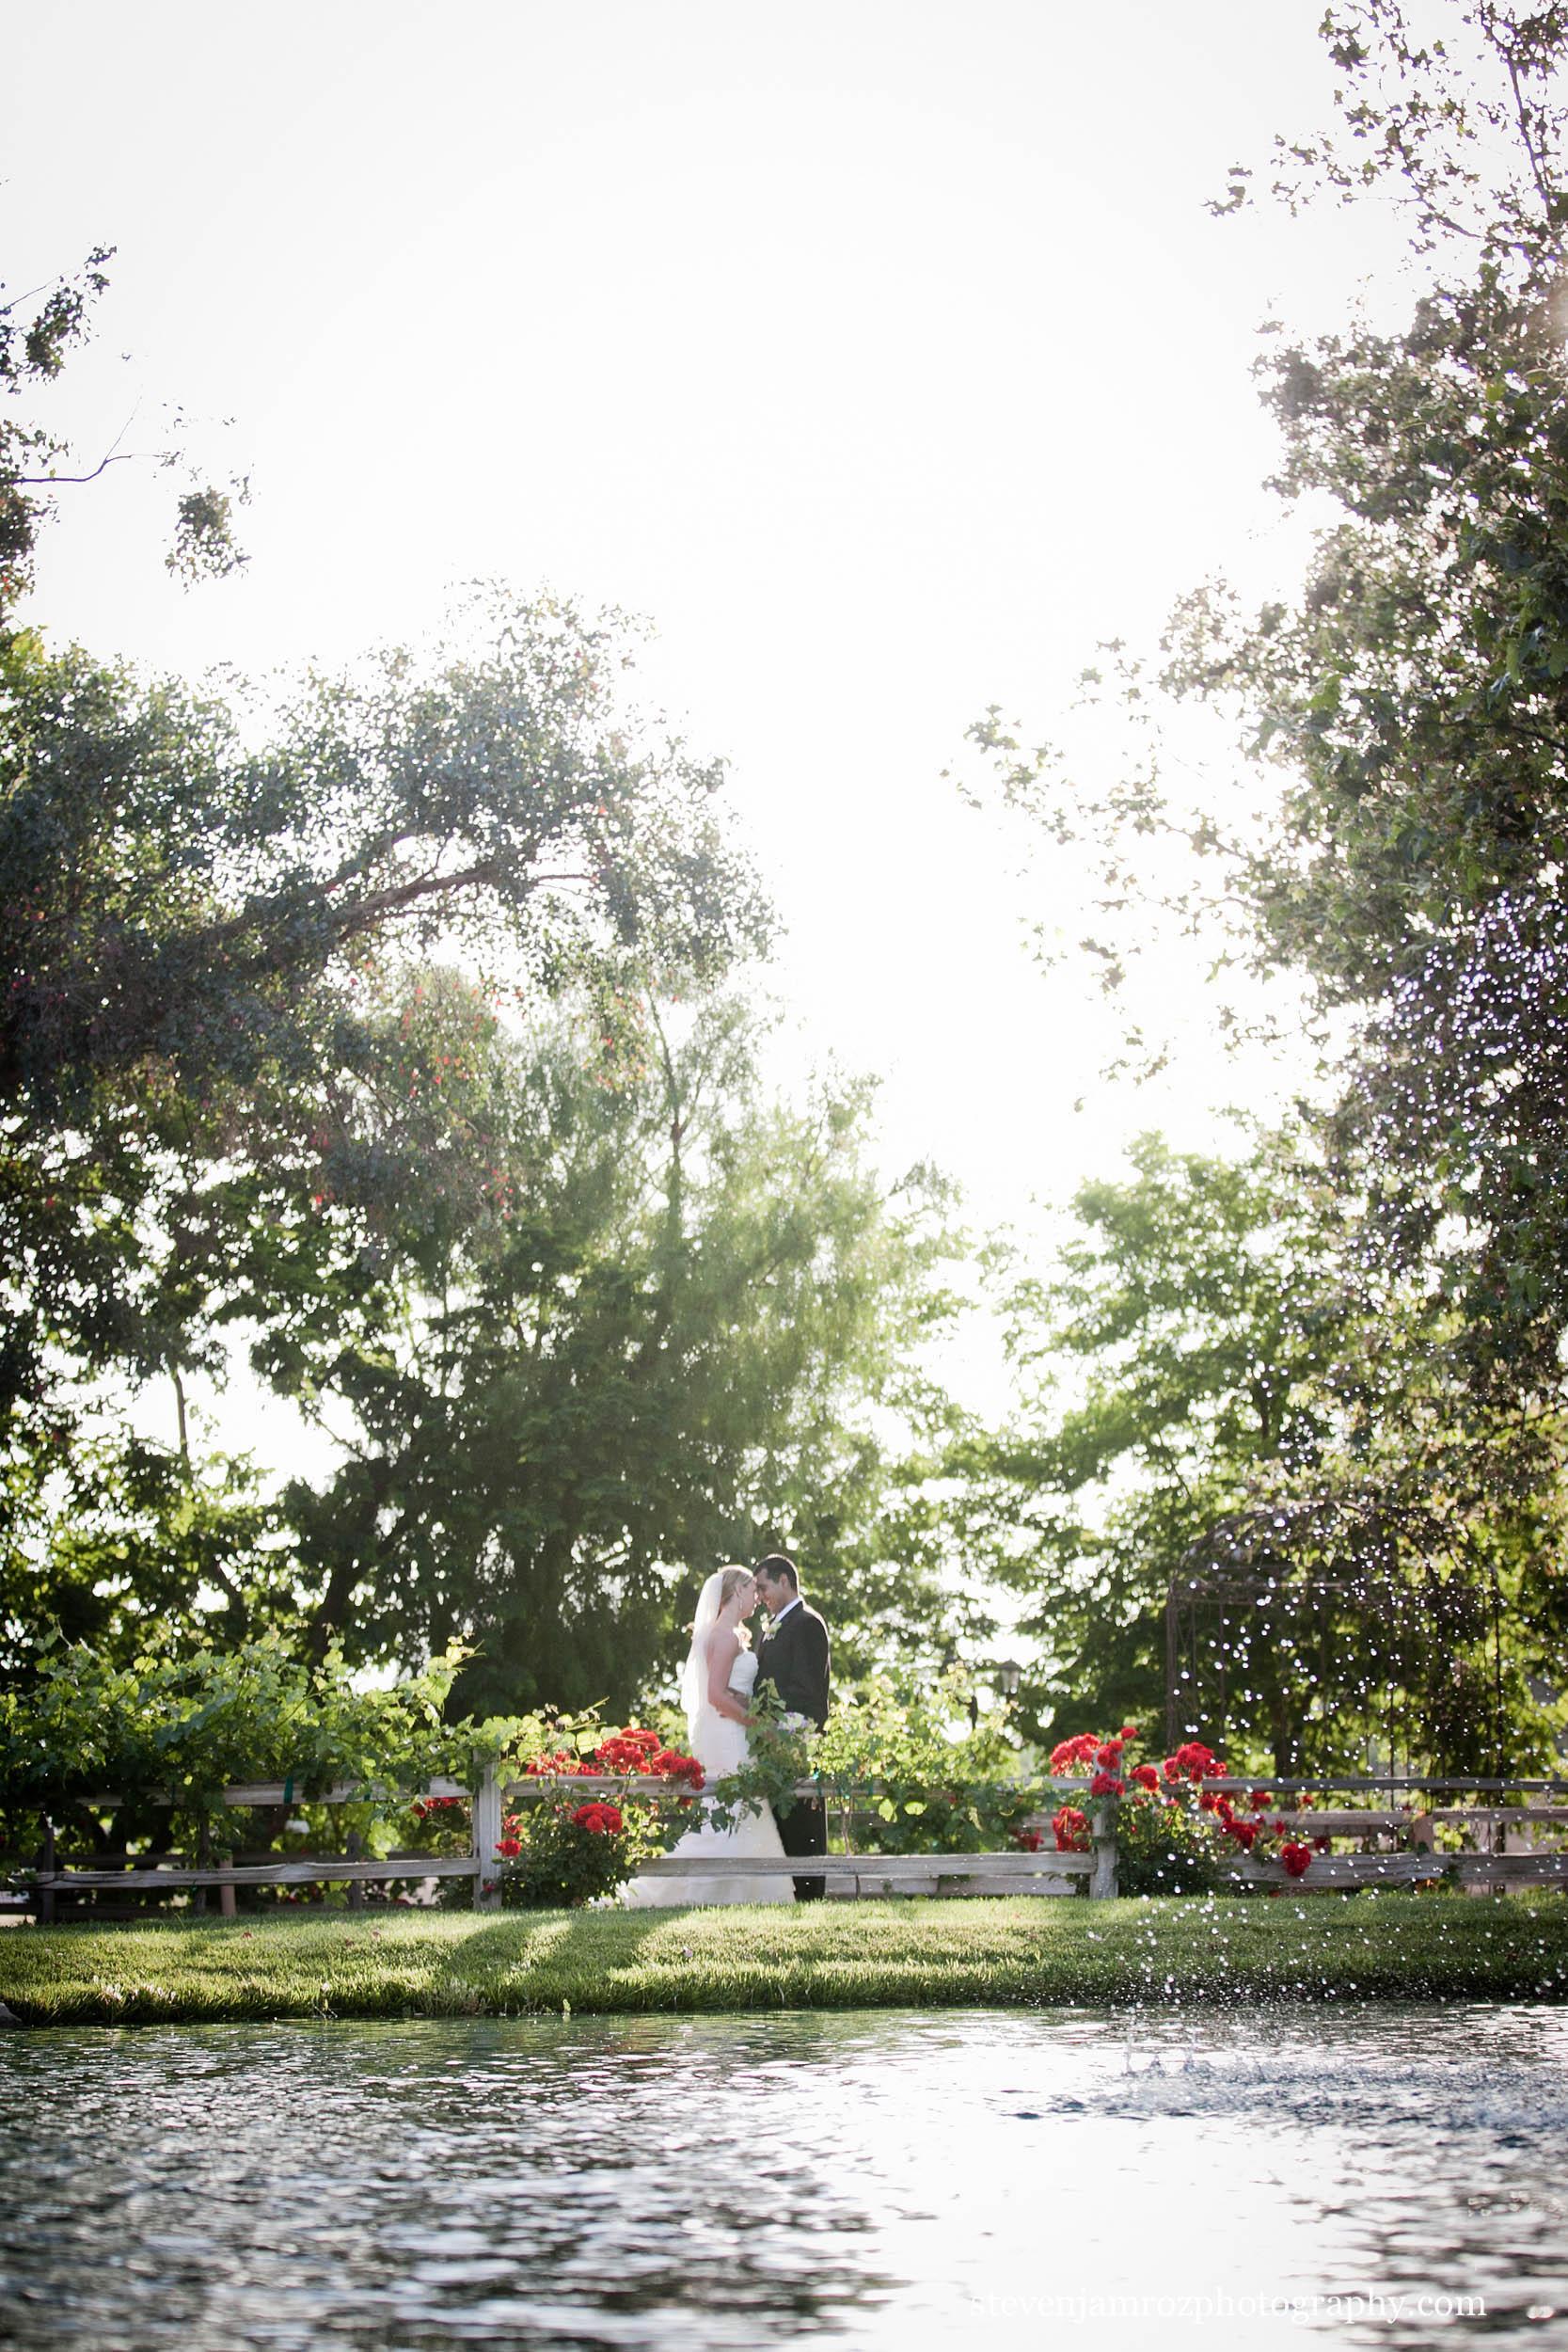 outdoor-portrait-wedding-beautiful-steven-jamroz-0684.jpg